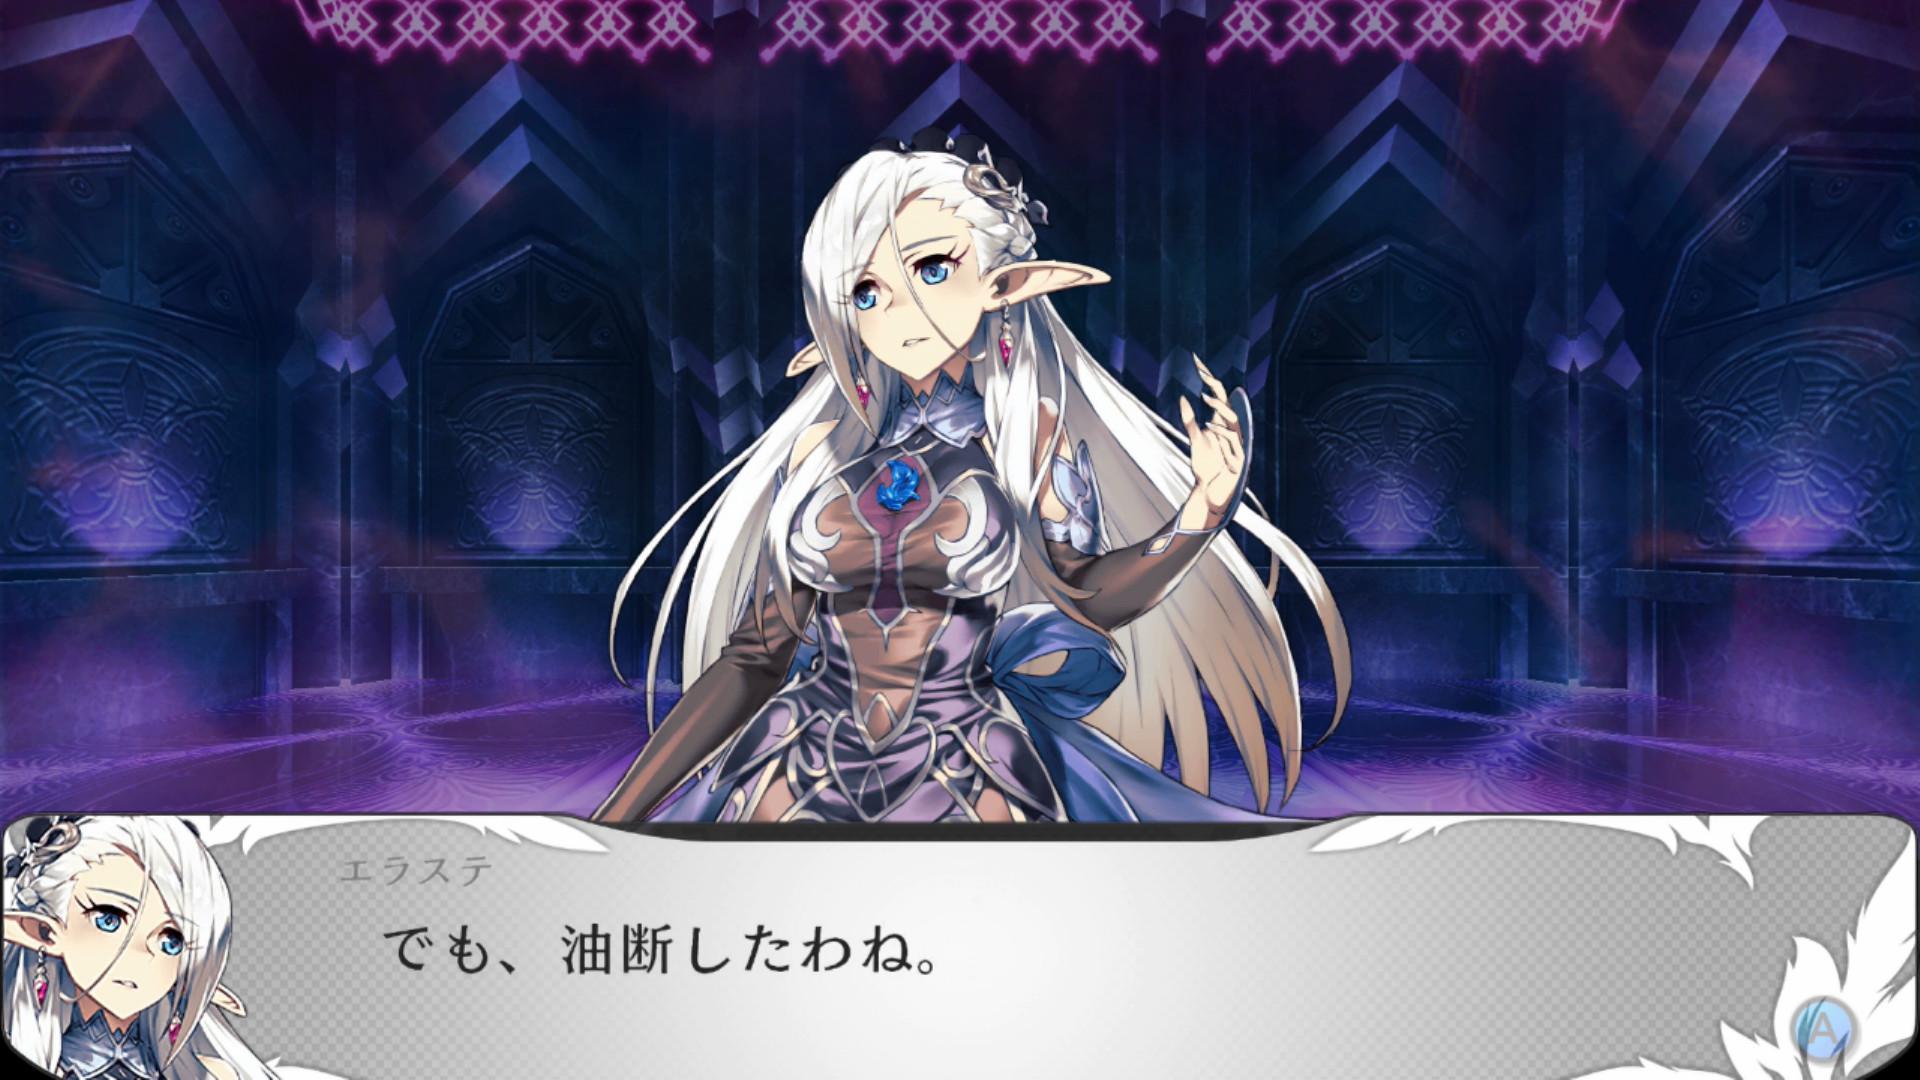 savior-sapphire-wings-tech-princess